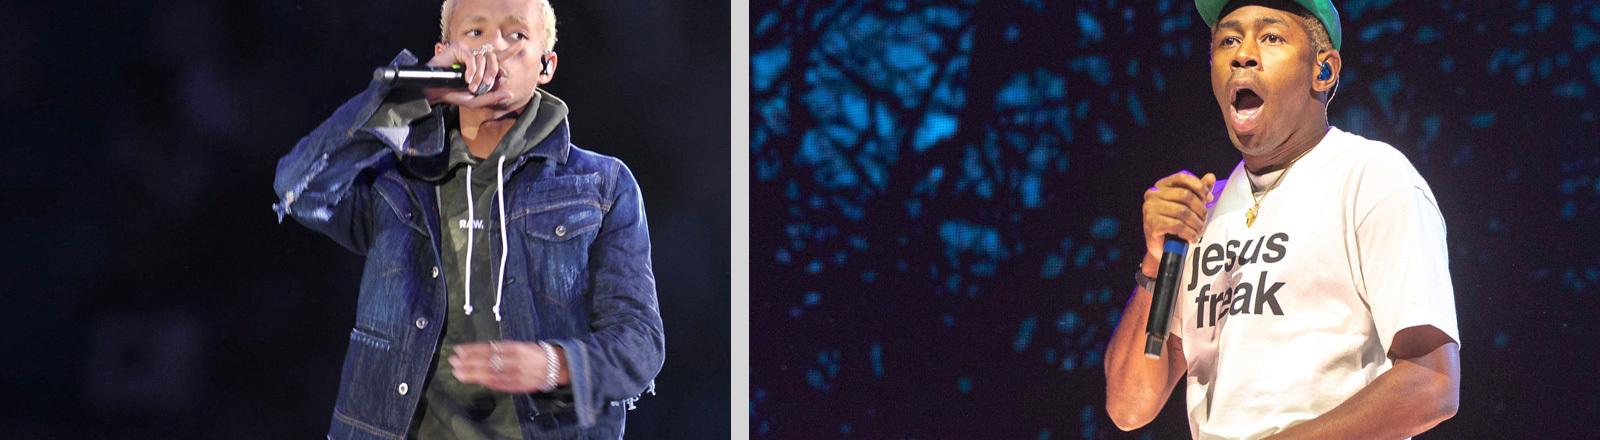 Collage: links bei einem Auftritt Jaden Smith; rechts Tyler the Creator